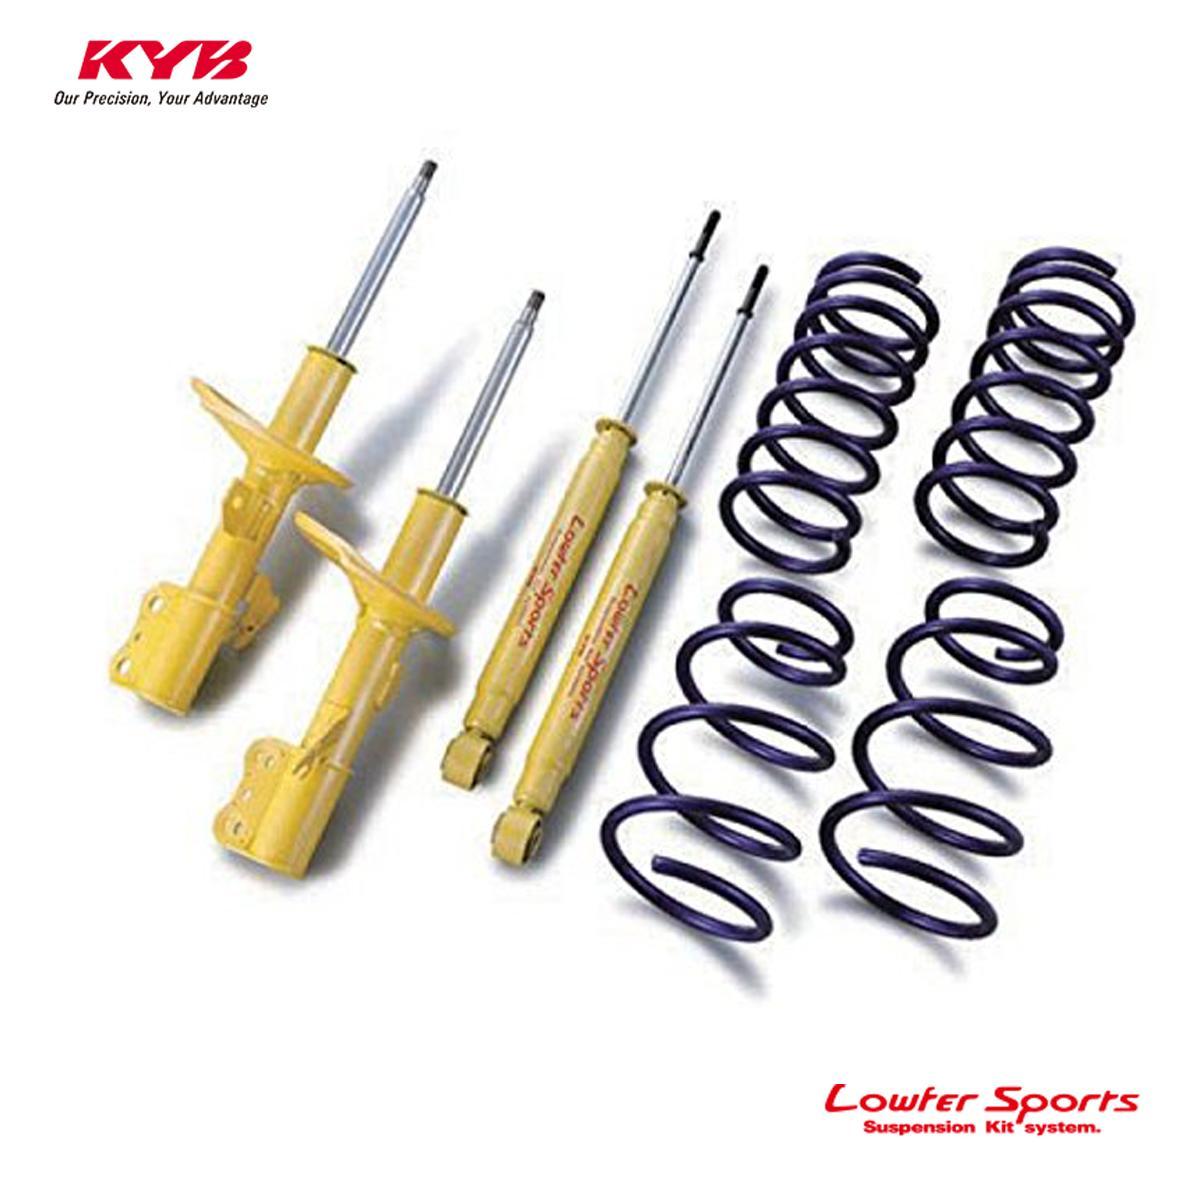 KYB カヤバ ヴォクシー ZRR85G ショックアブソーバー サスペンションキット 1台分 ローファースポーツ キット Lowfer Sports LKIT-ZRR85G